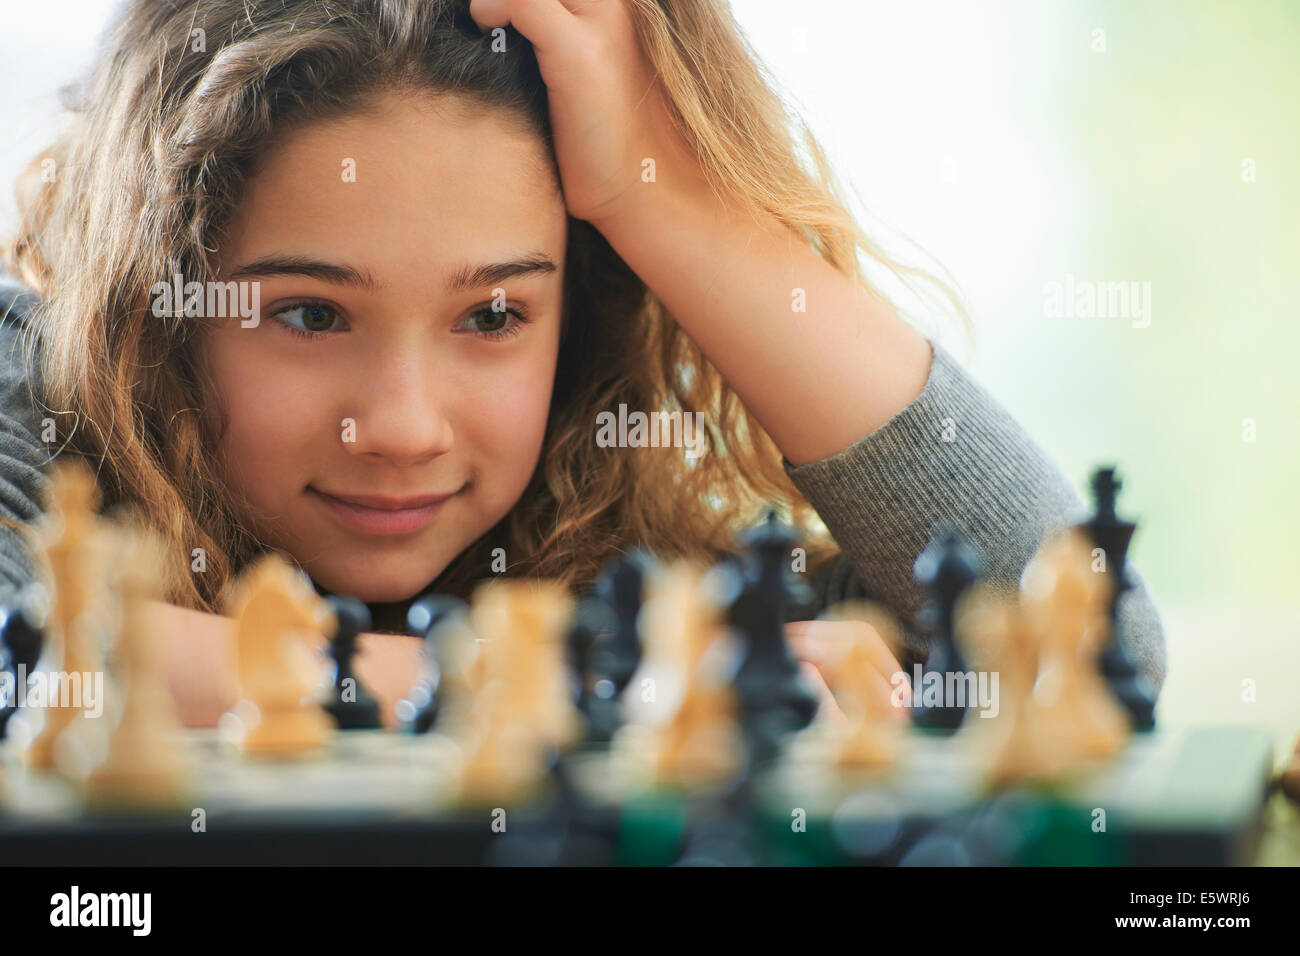 Porträt des jungen Mädchens spielt Schach Stockfoto